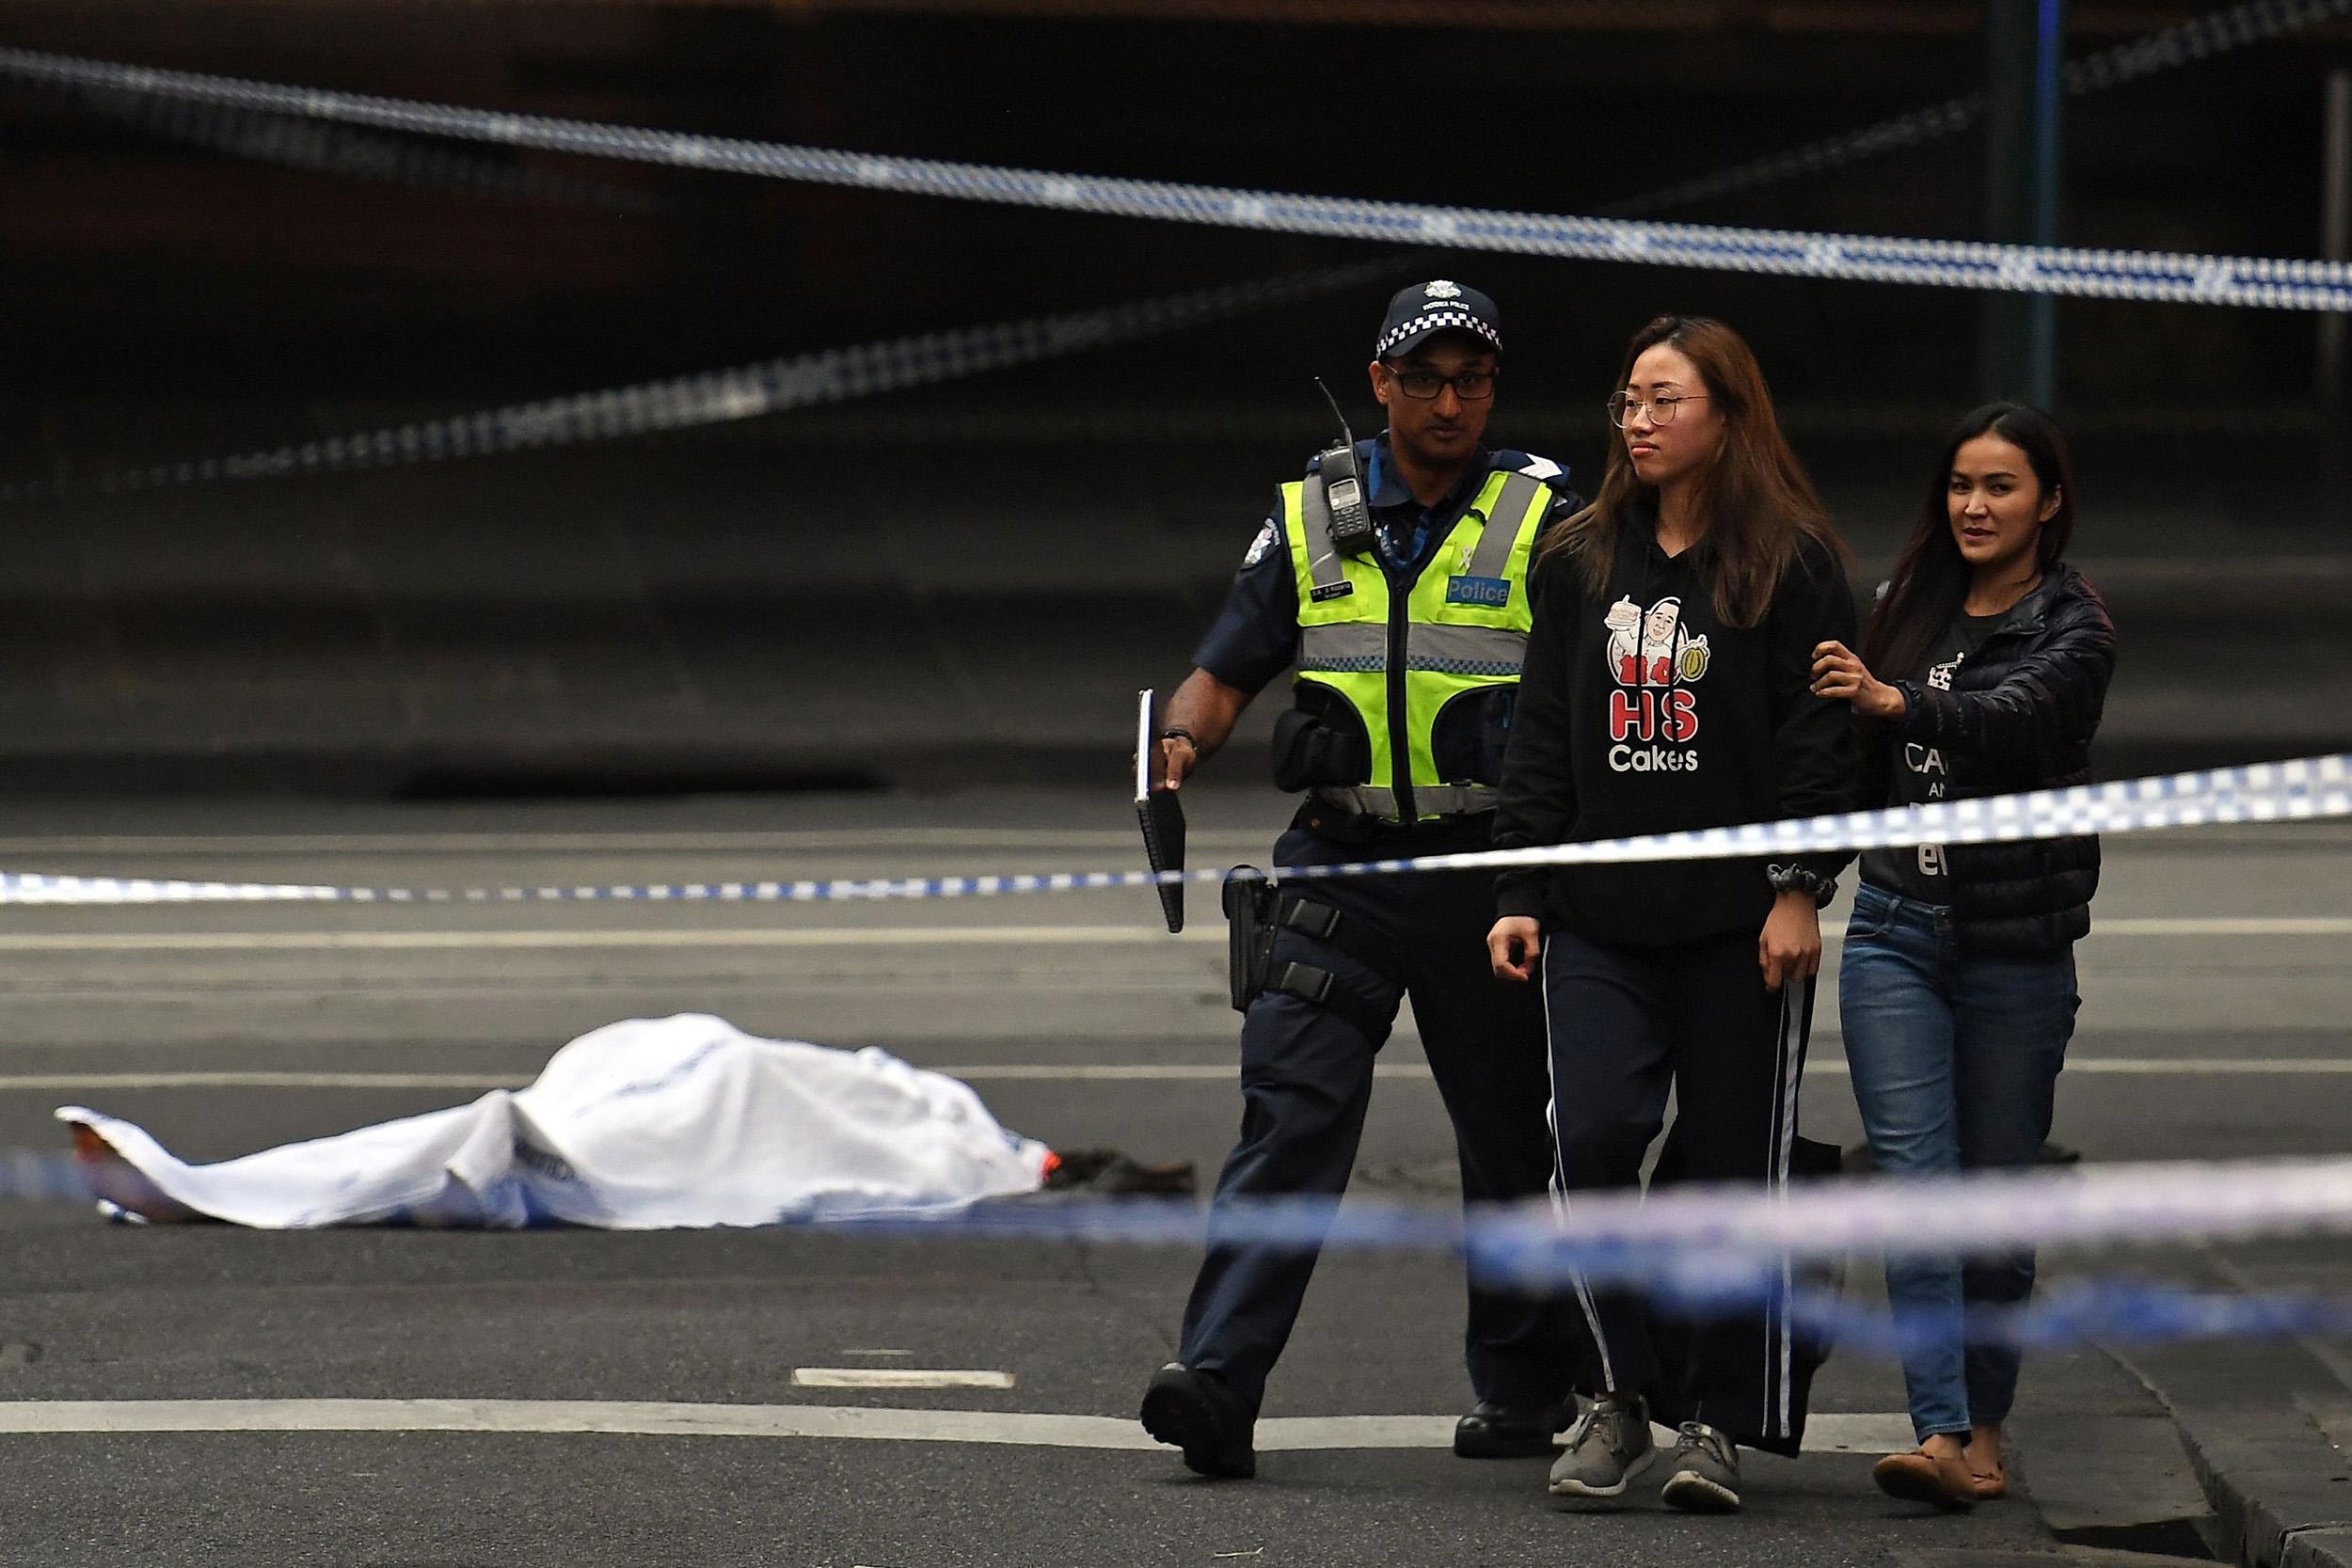 Suspected-terrorist-stabs-three-in-busy-Australia-street